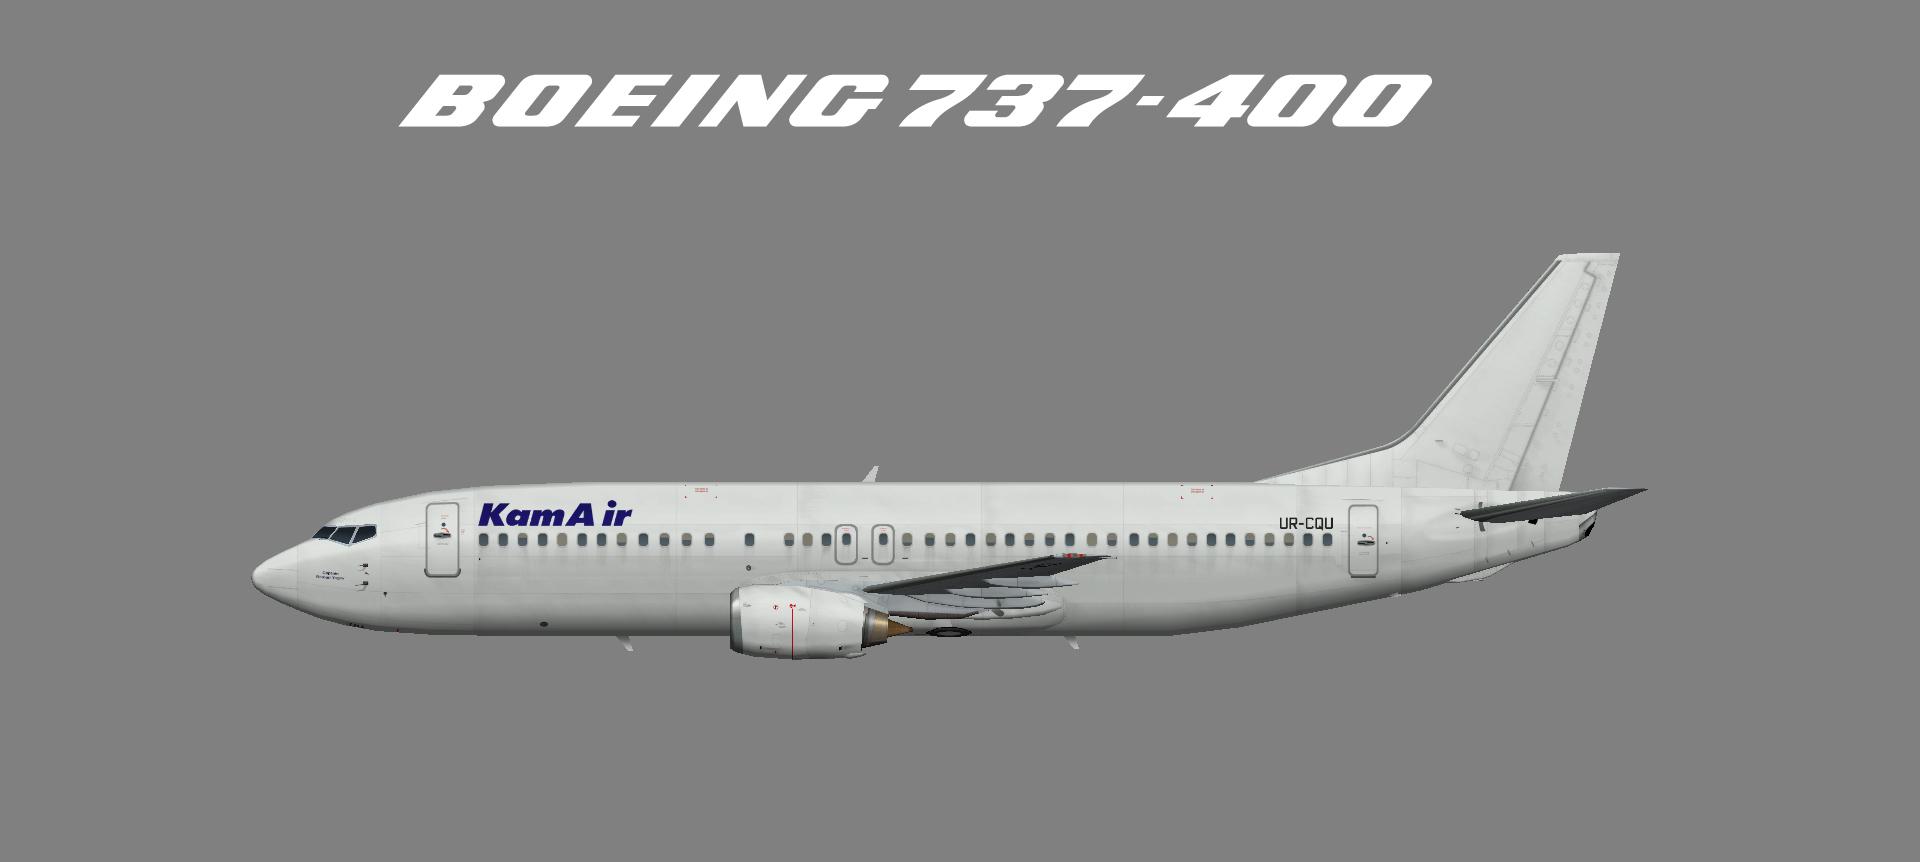 Kam Air Boeing 737-400